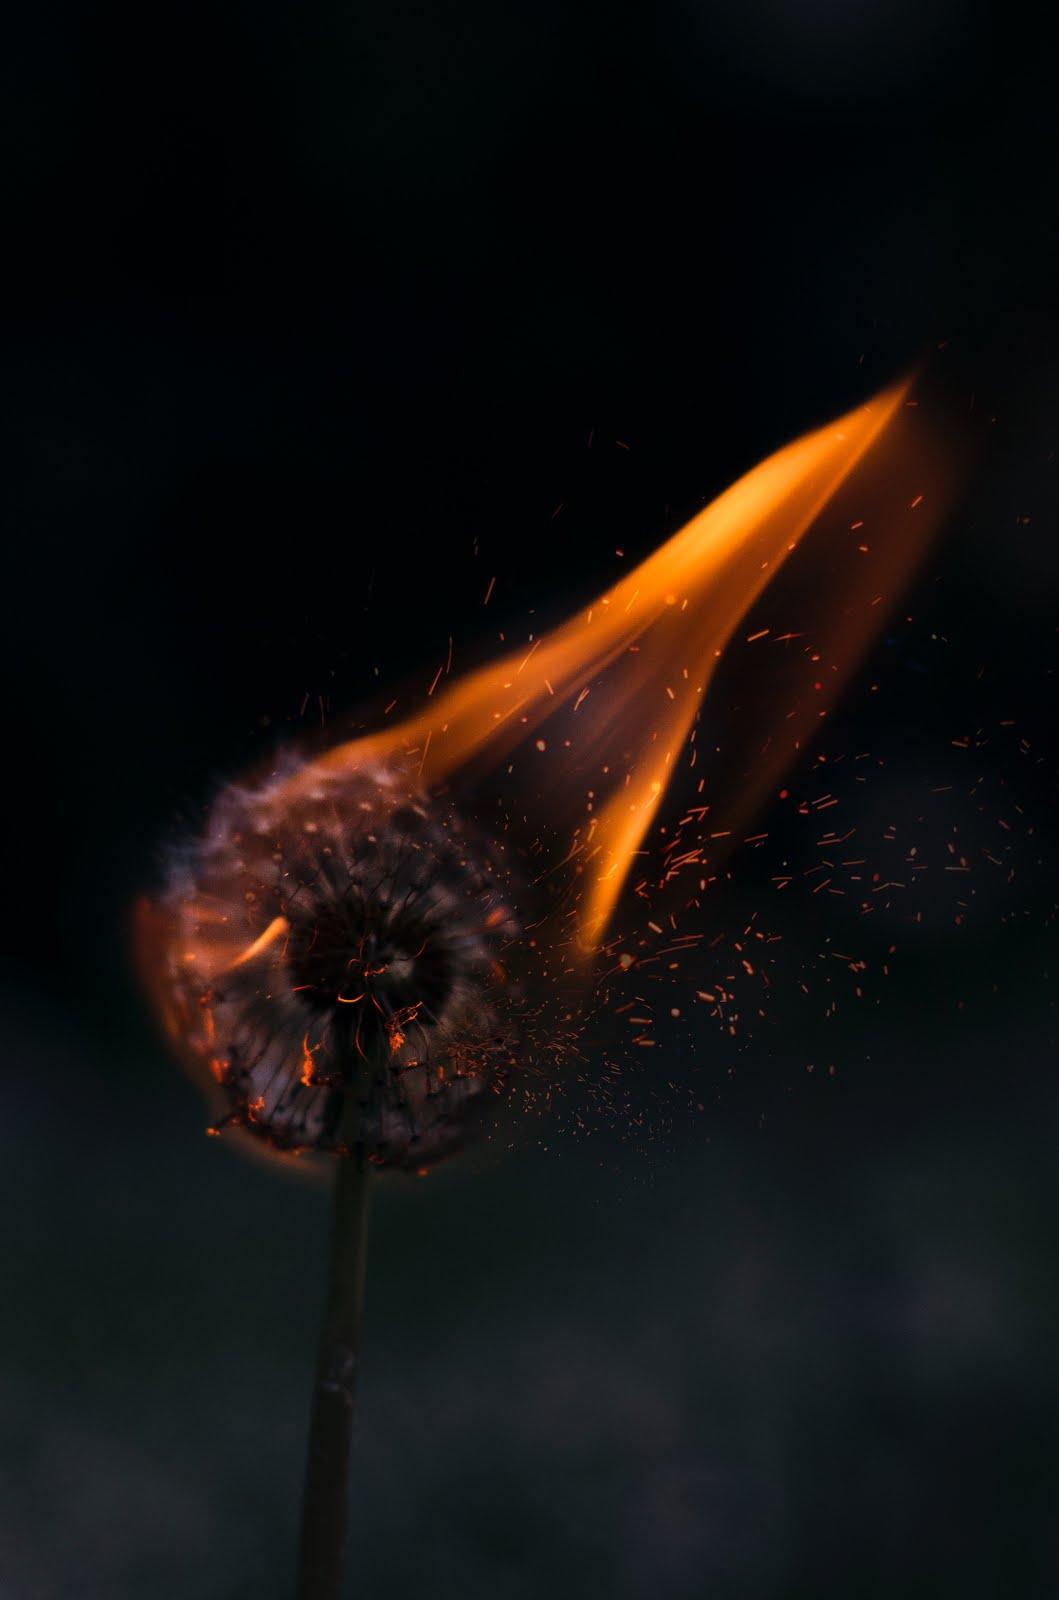 زهرة مشتعلة وراء خلفية سوداء